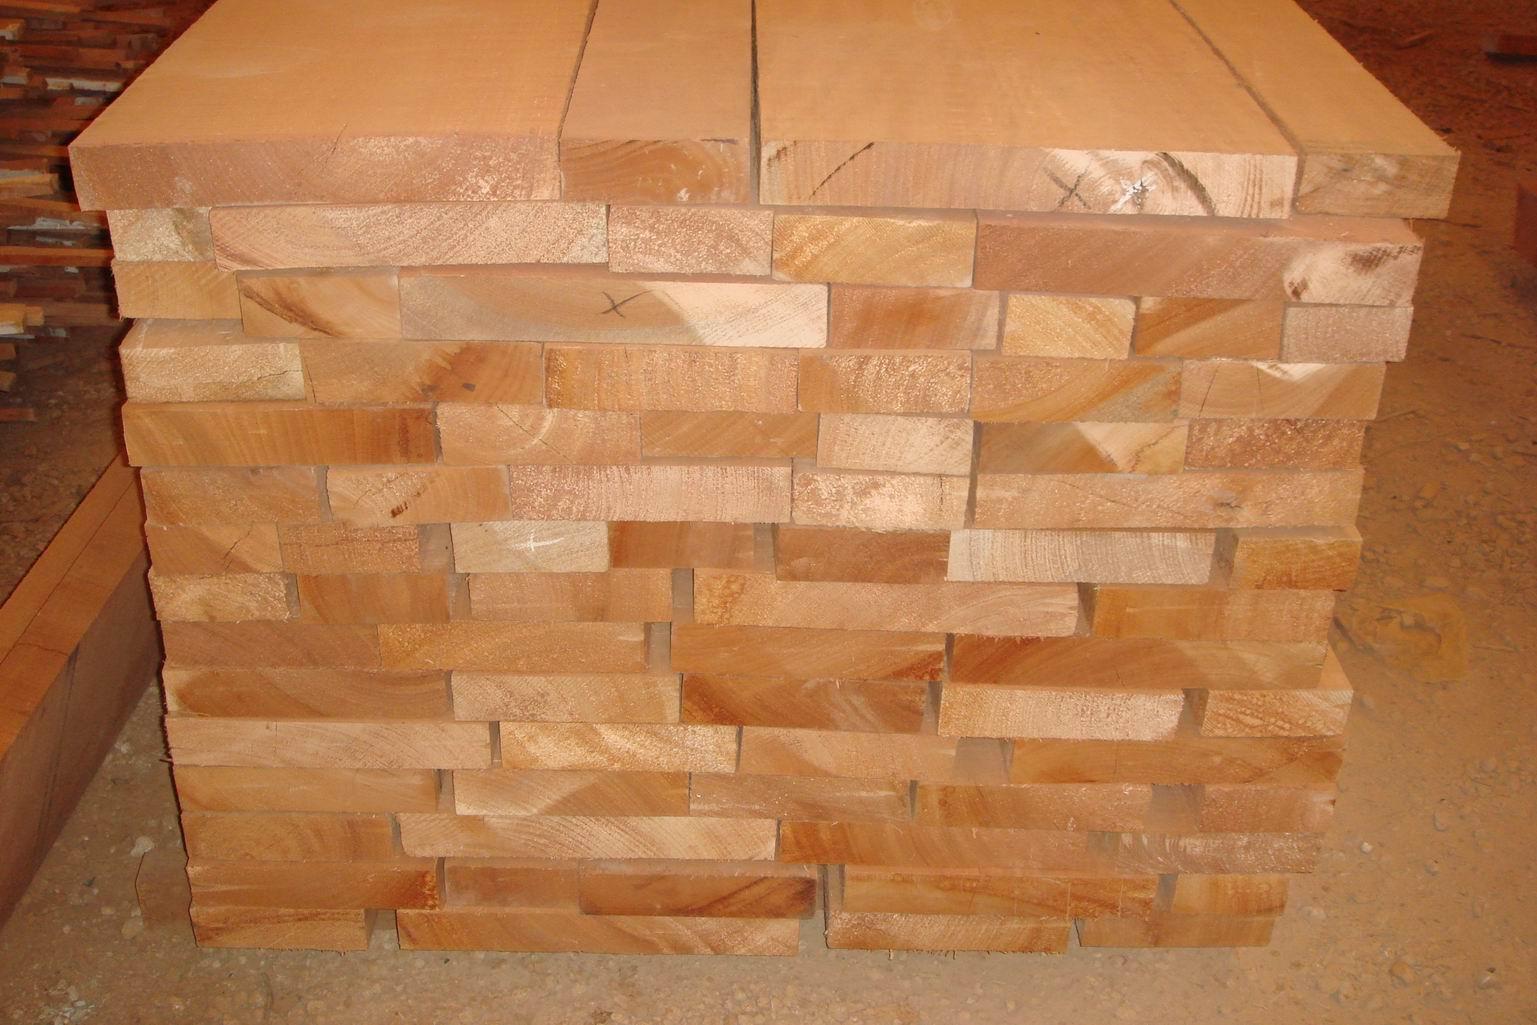 缅甸越南老挝花梨原木板材家具进口 上海哪家报关公司好 木材进口报关